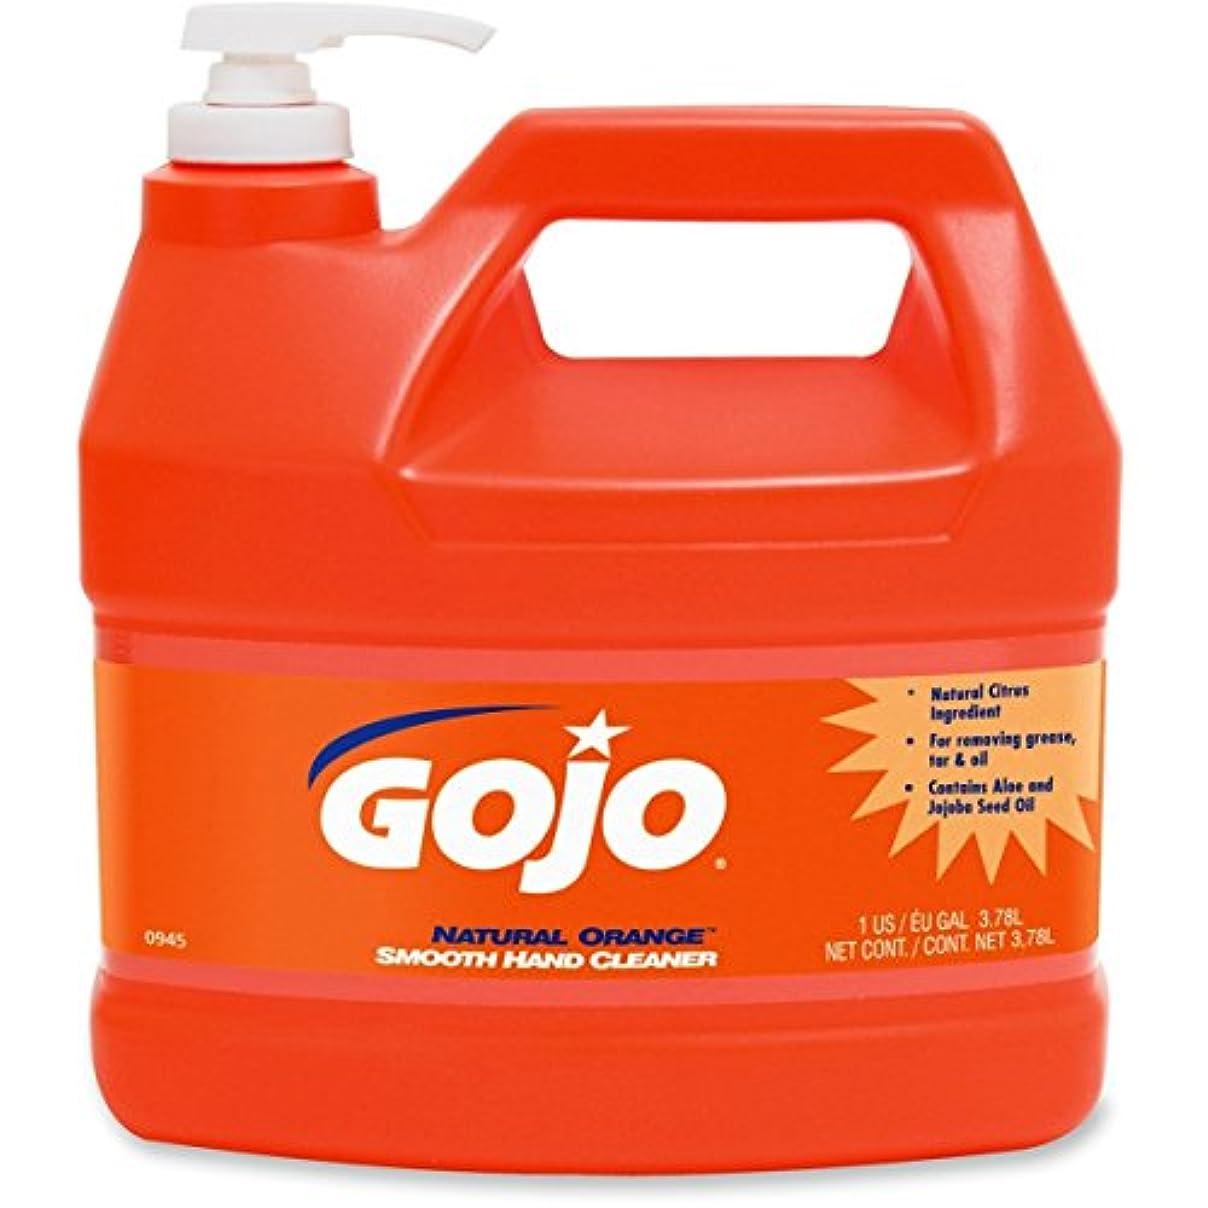 ストローク軽判定goj094504 – GOJOナチュラルオレンジSmooth heavy-duty Hand Cleaner